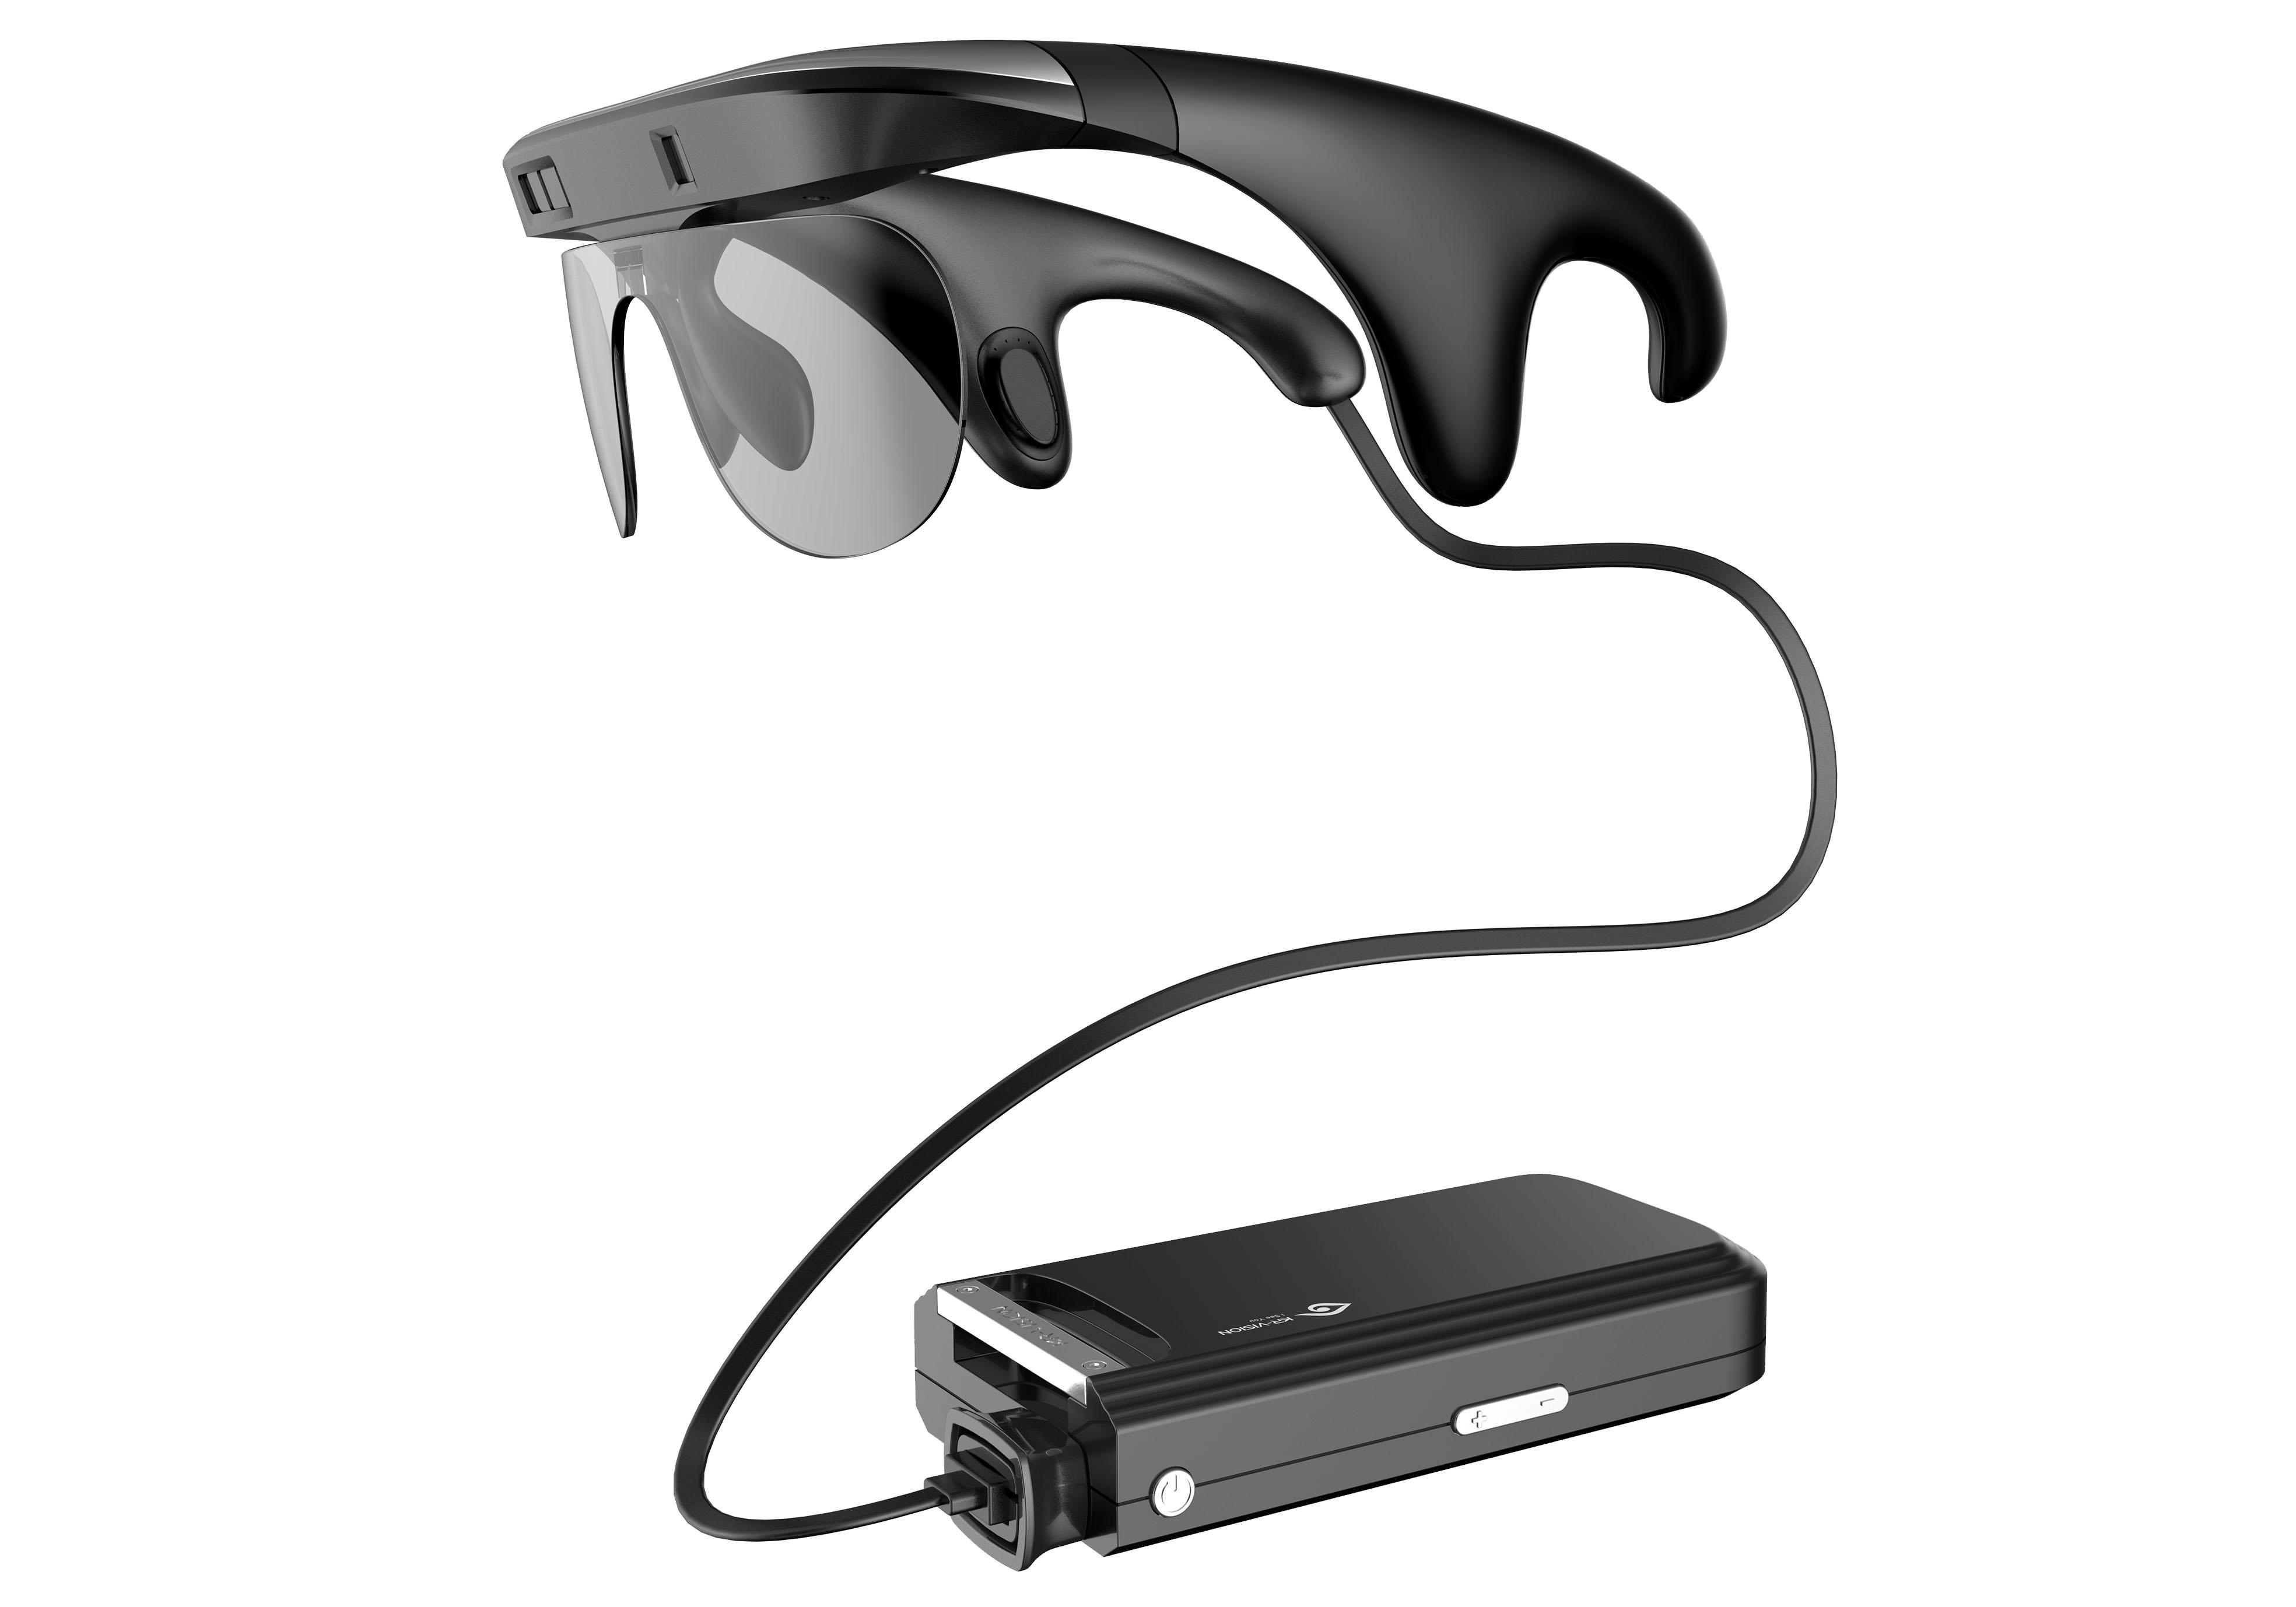 盲人眼镜1_产品设计-来设计